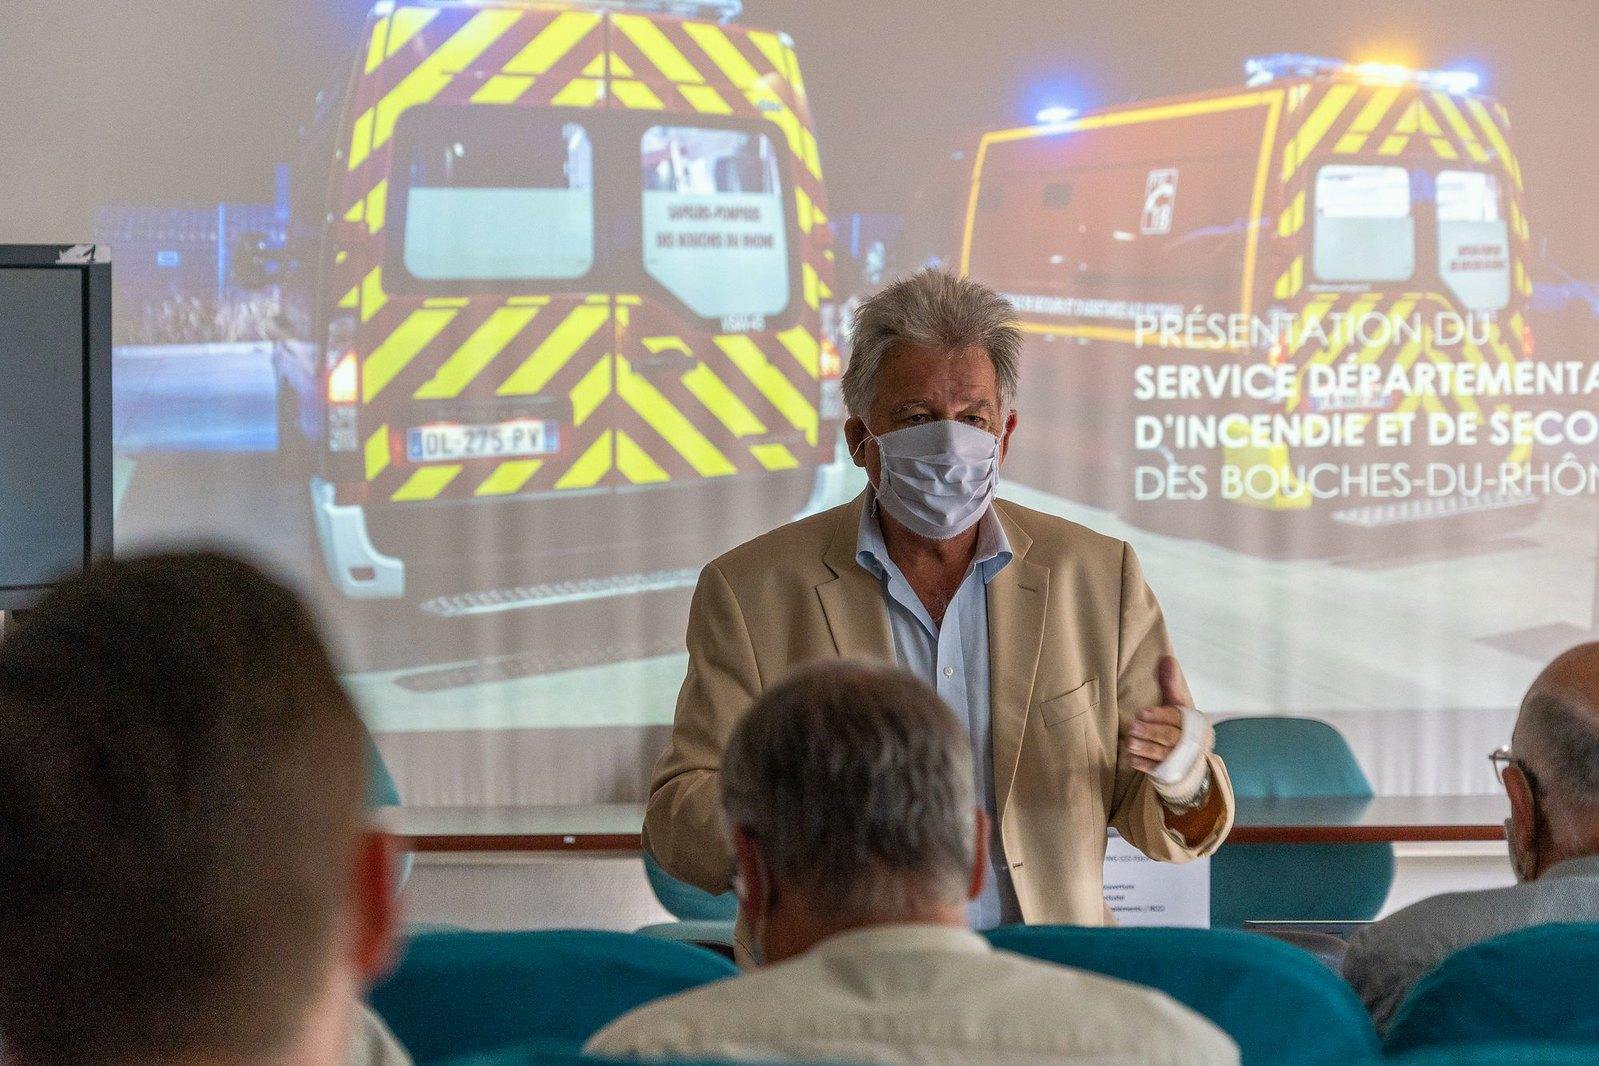 Les maires bucco rhodaniens en visite chez les Pompiers13